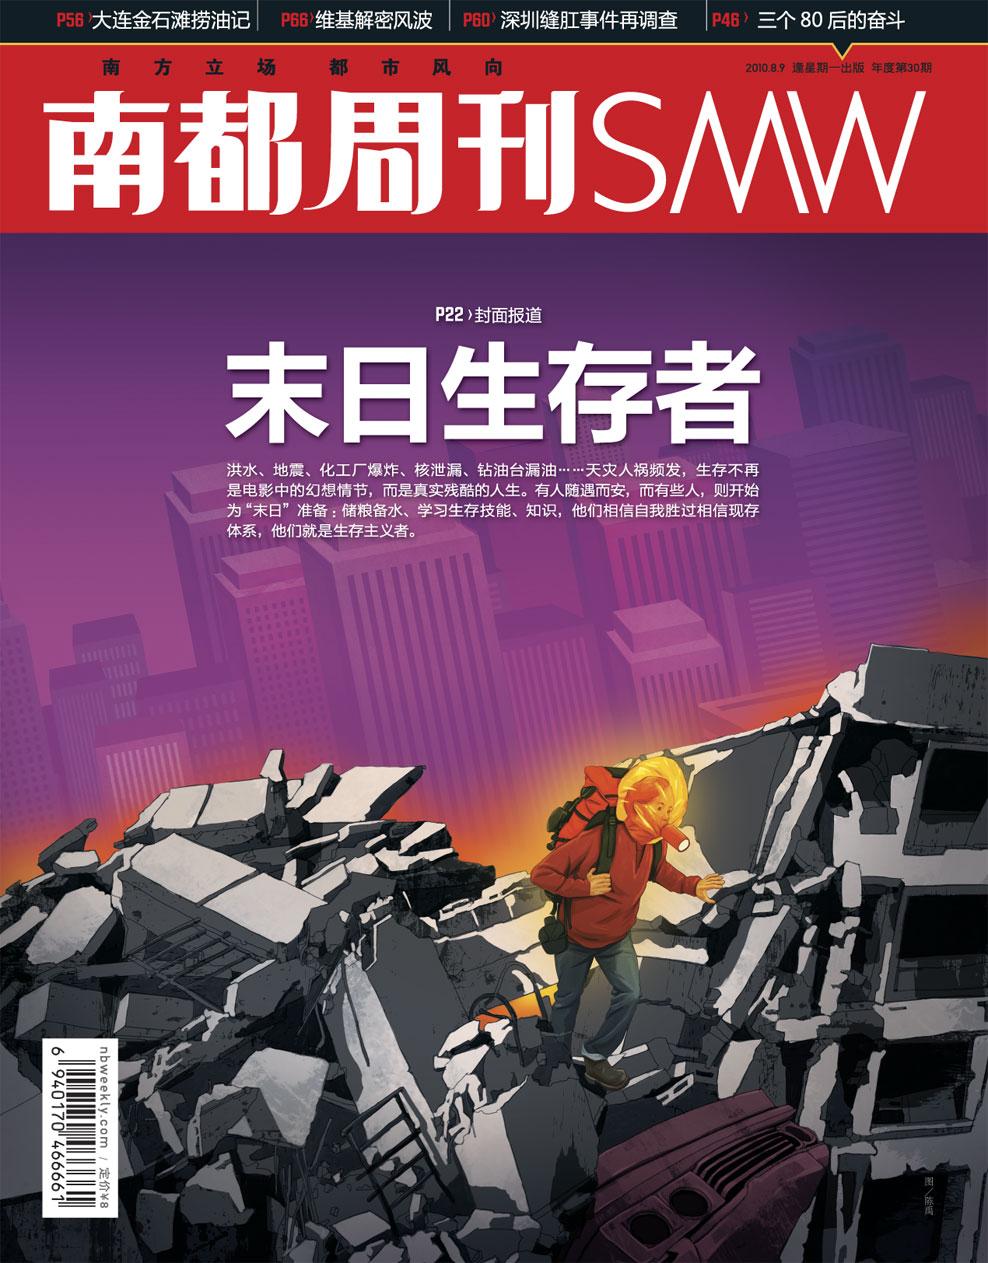 """Portada del Southern Metropolis Weekly: """"Supervivientes del<br /> último día""""."""